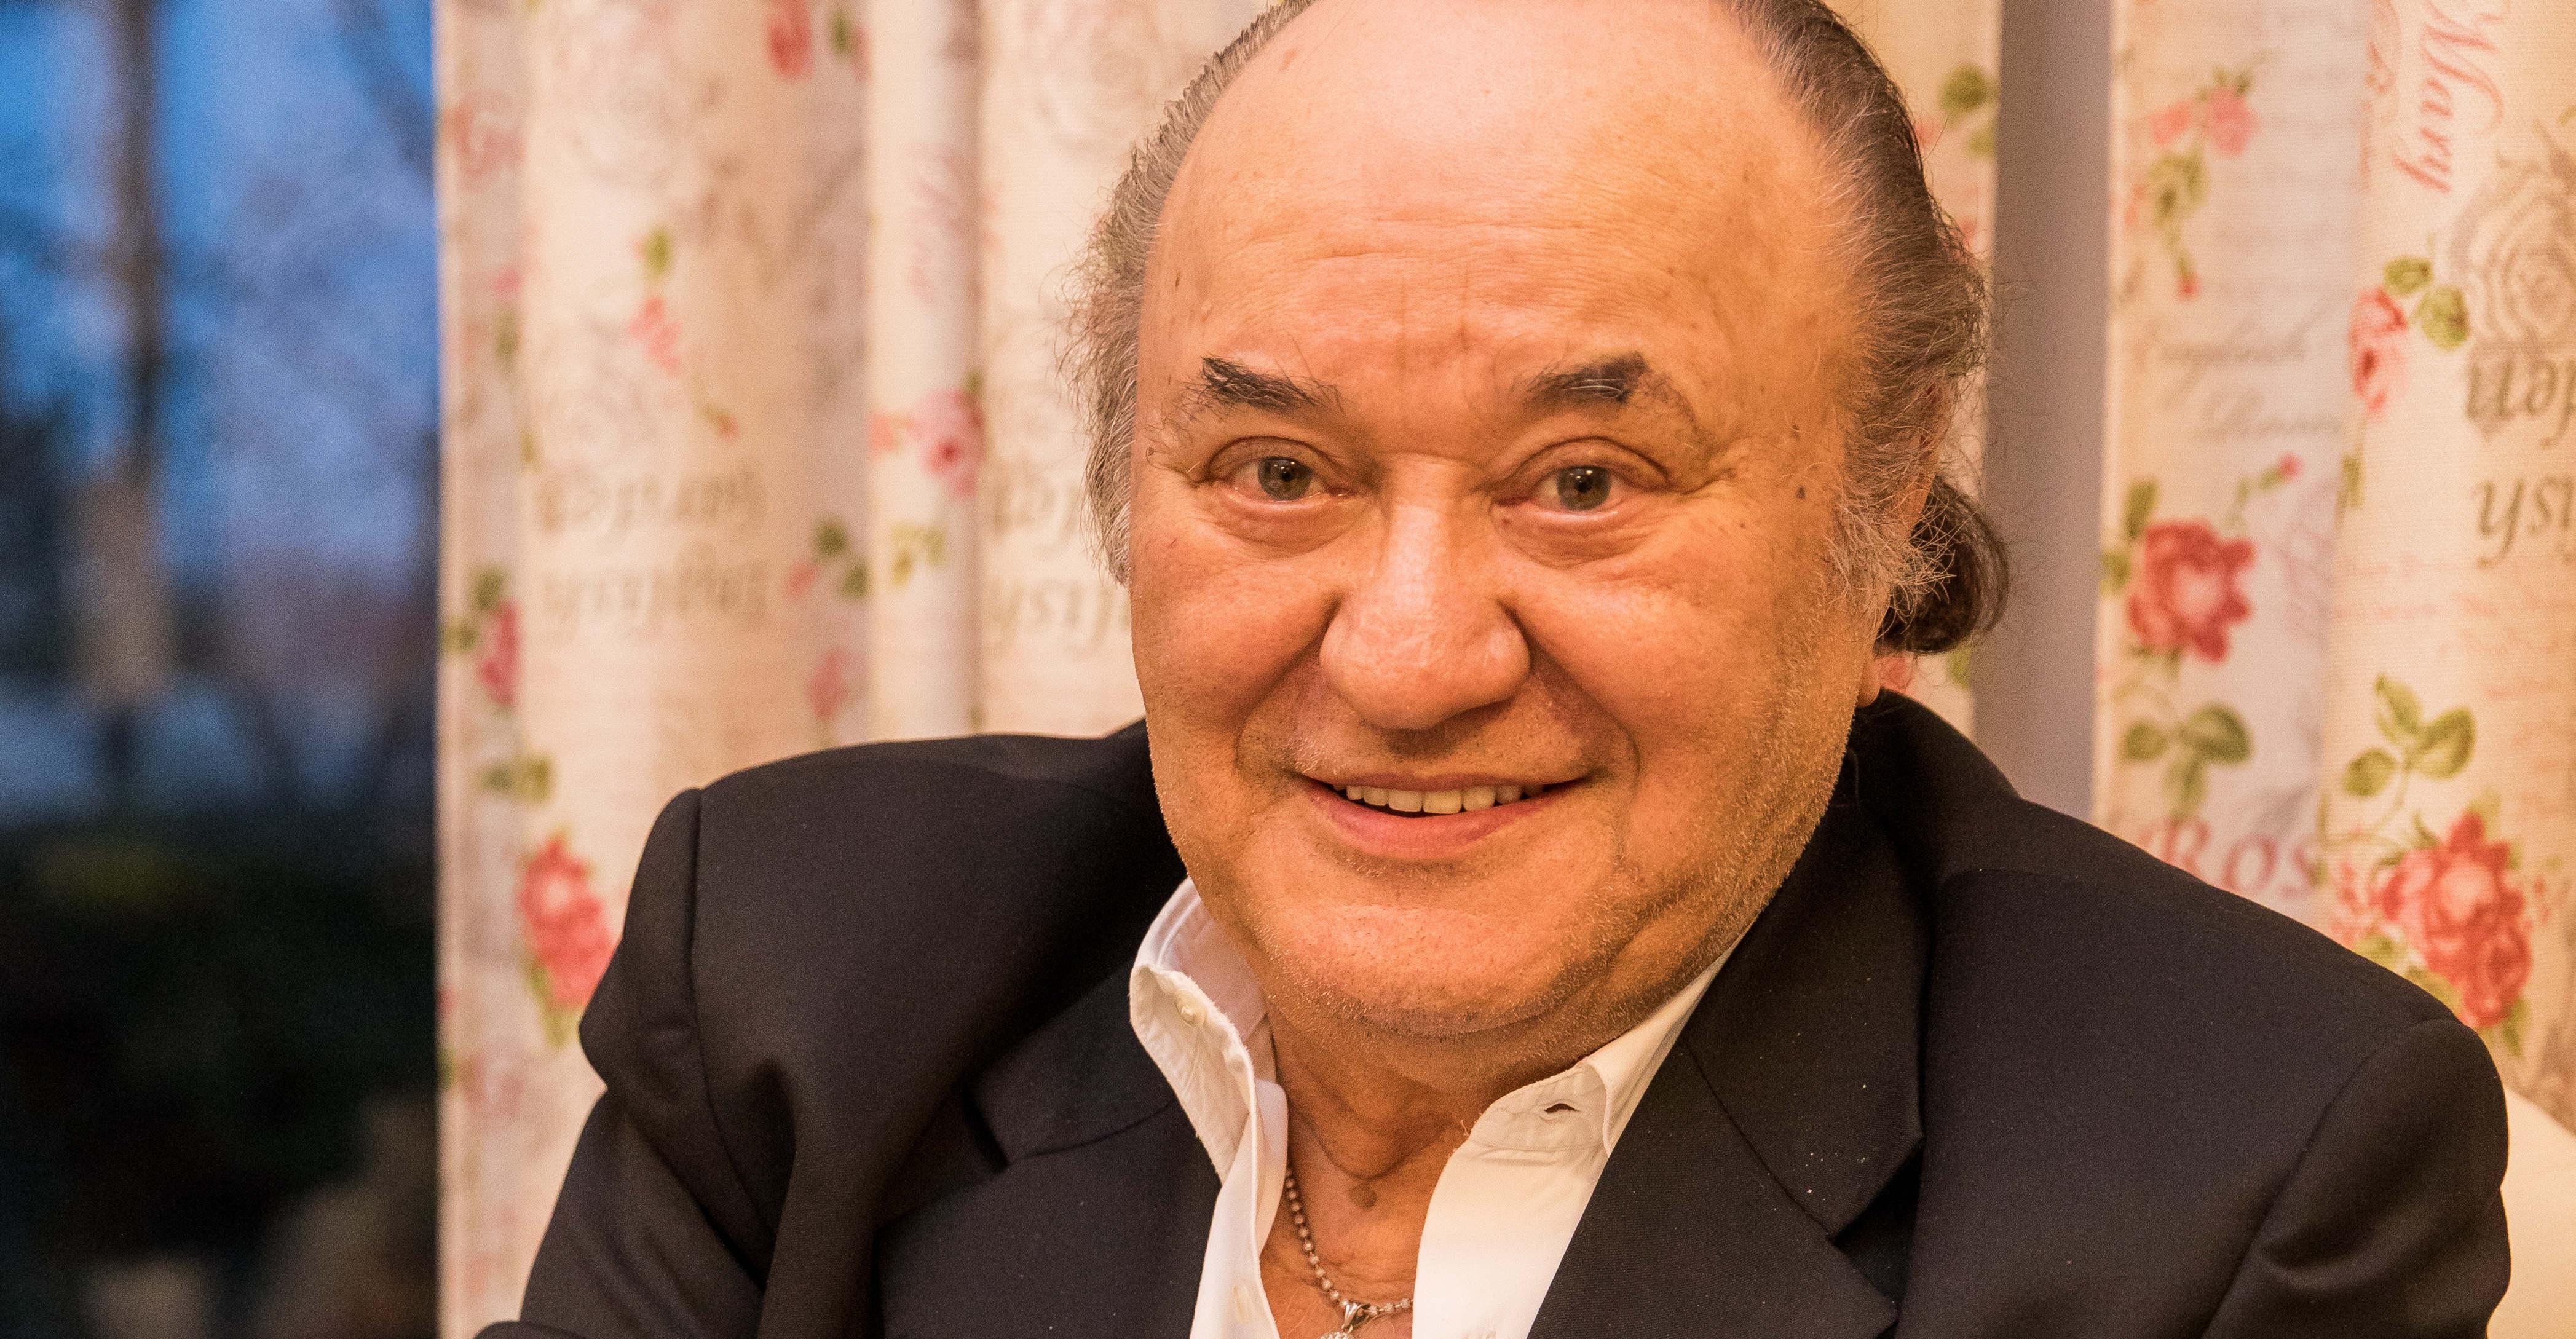 Ékszerrel támogatta Korda György a Sztárban sztár versenyzőjét